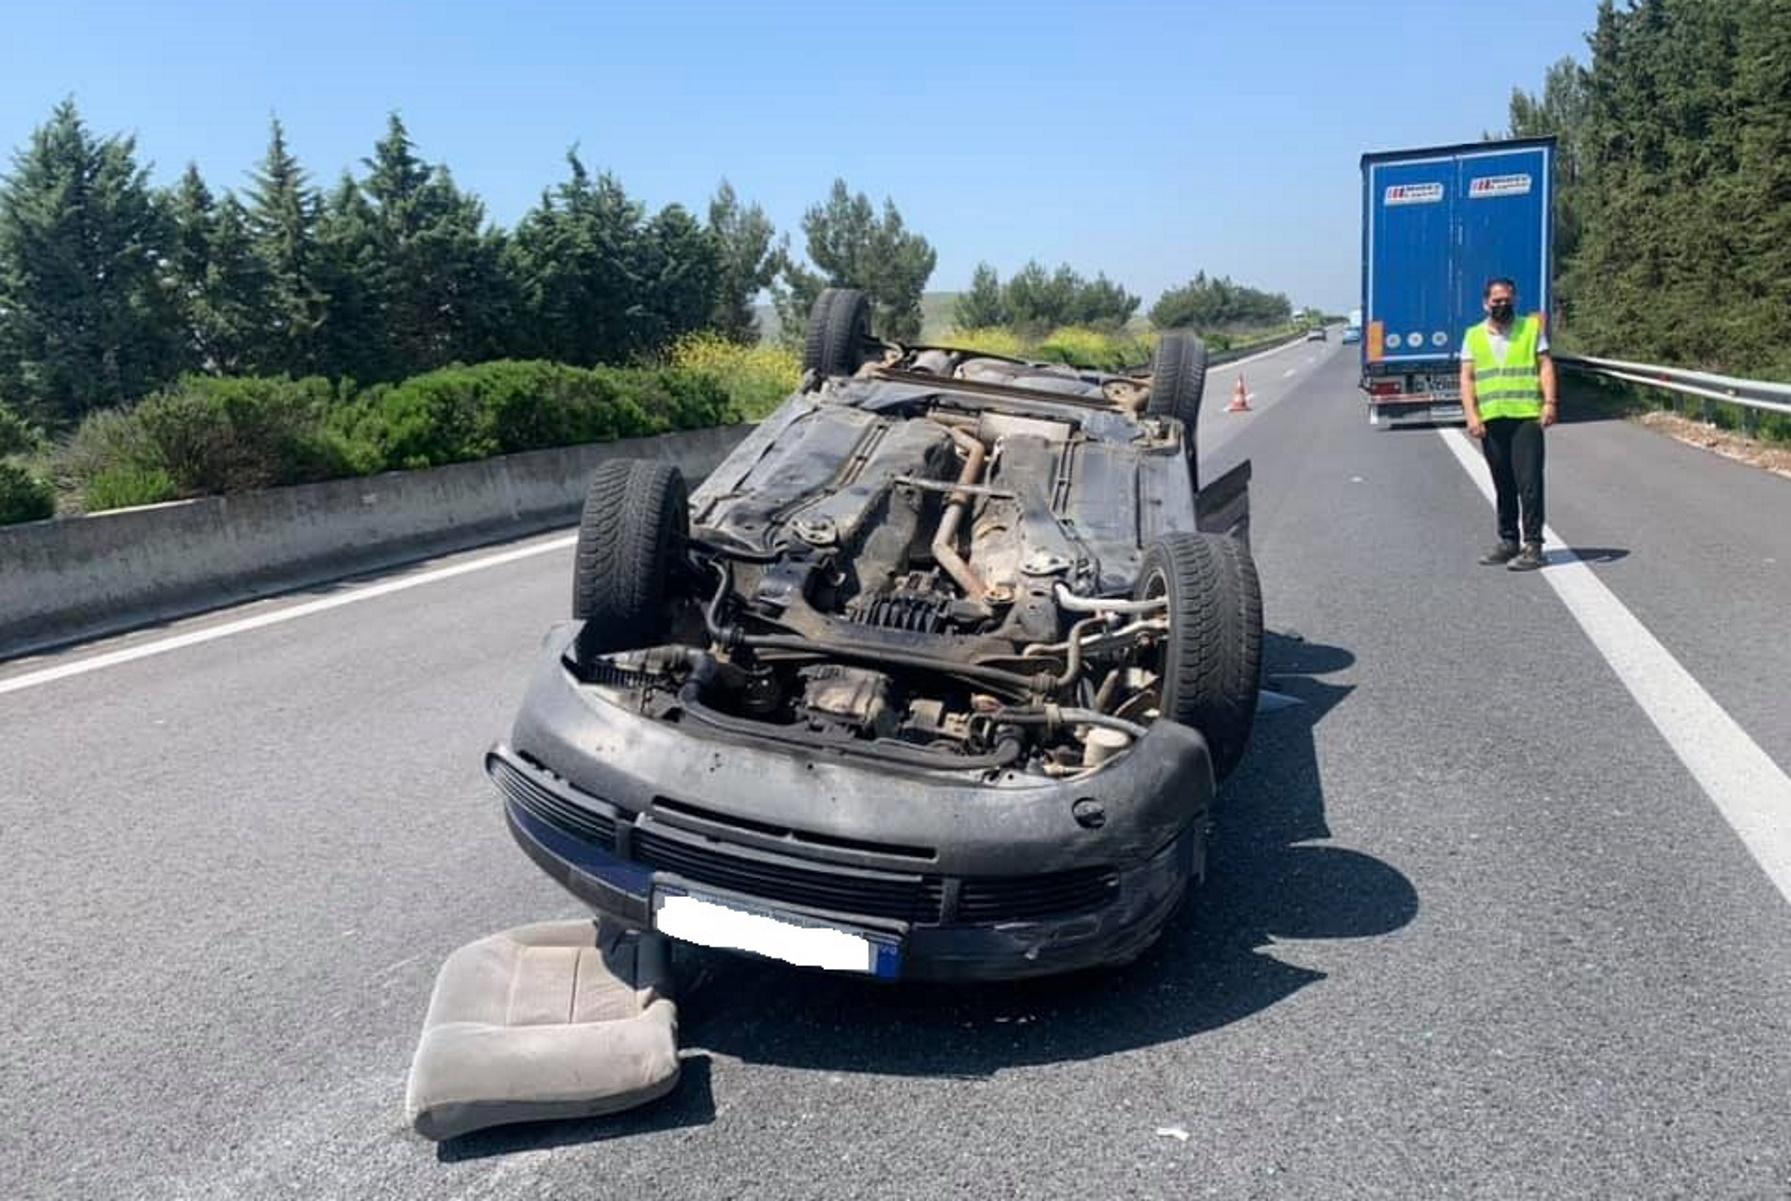 Λάρισα: «Τούμπαρε» αυτοκίνητο στην ΠΑΘΕ – Εικόνες που σοκάρουν